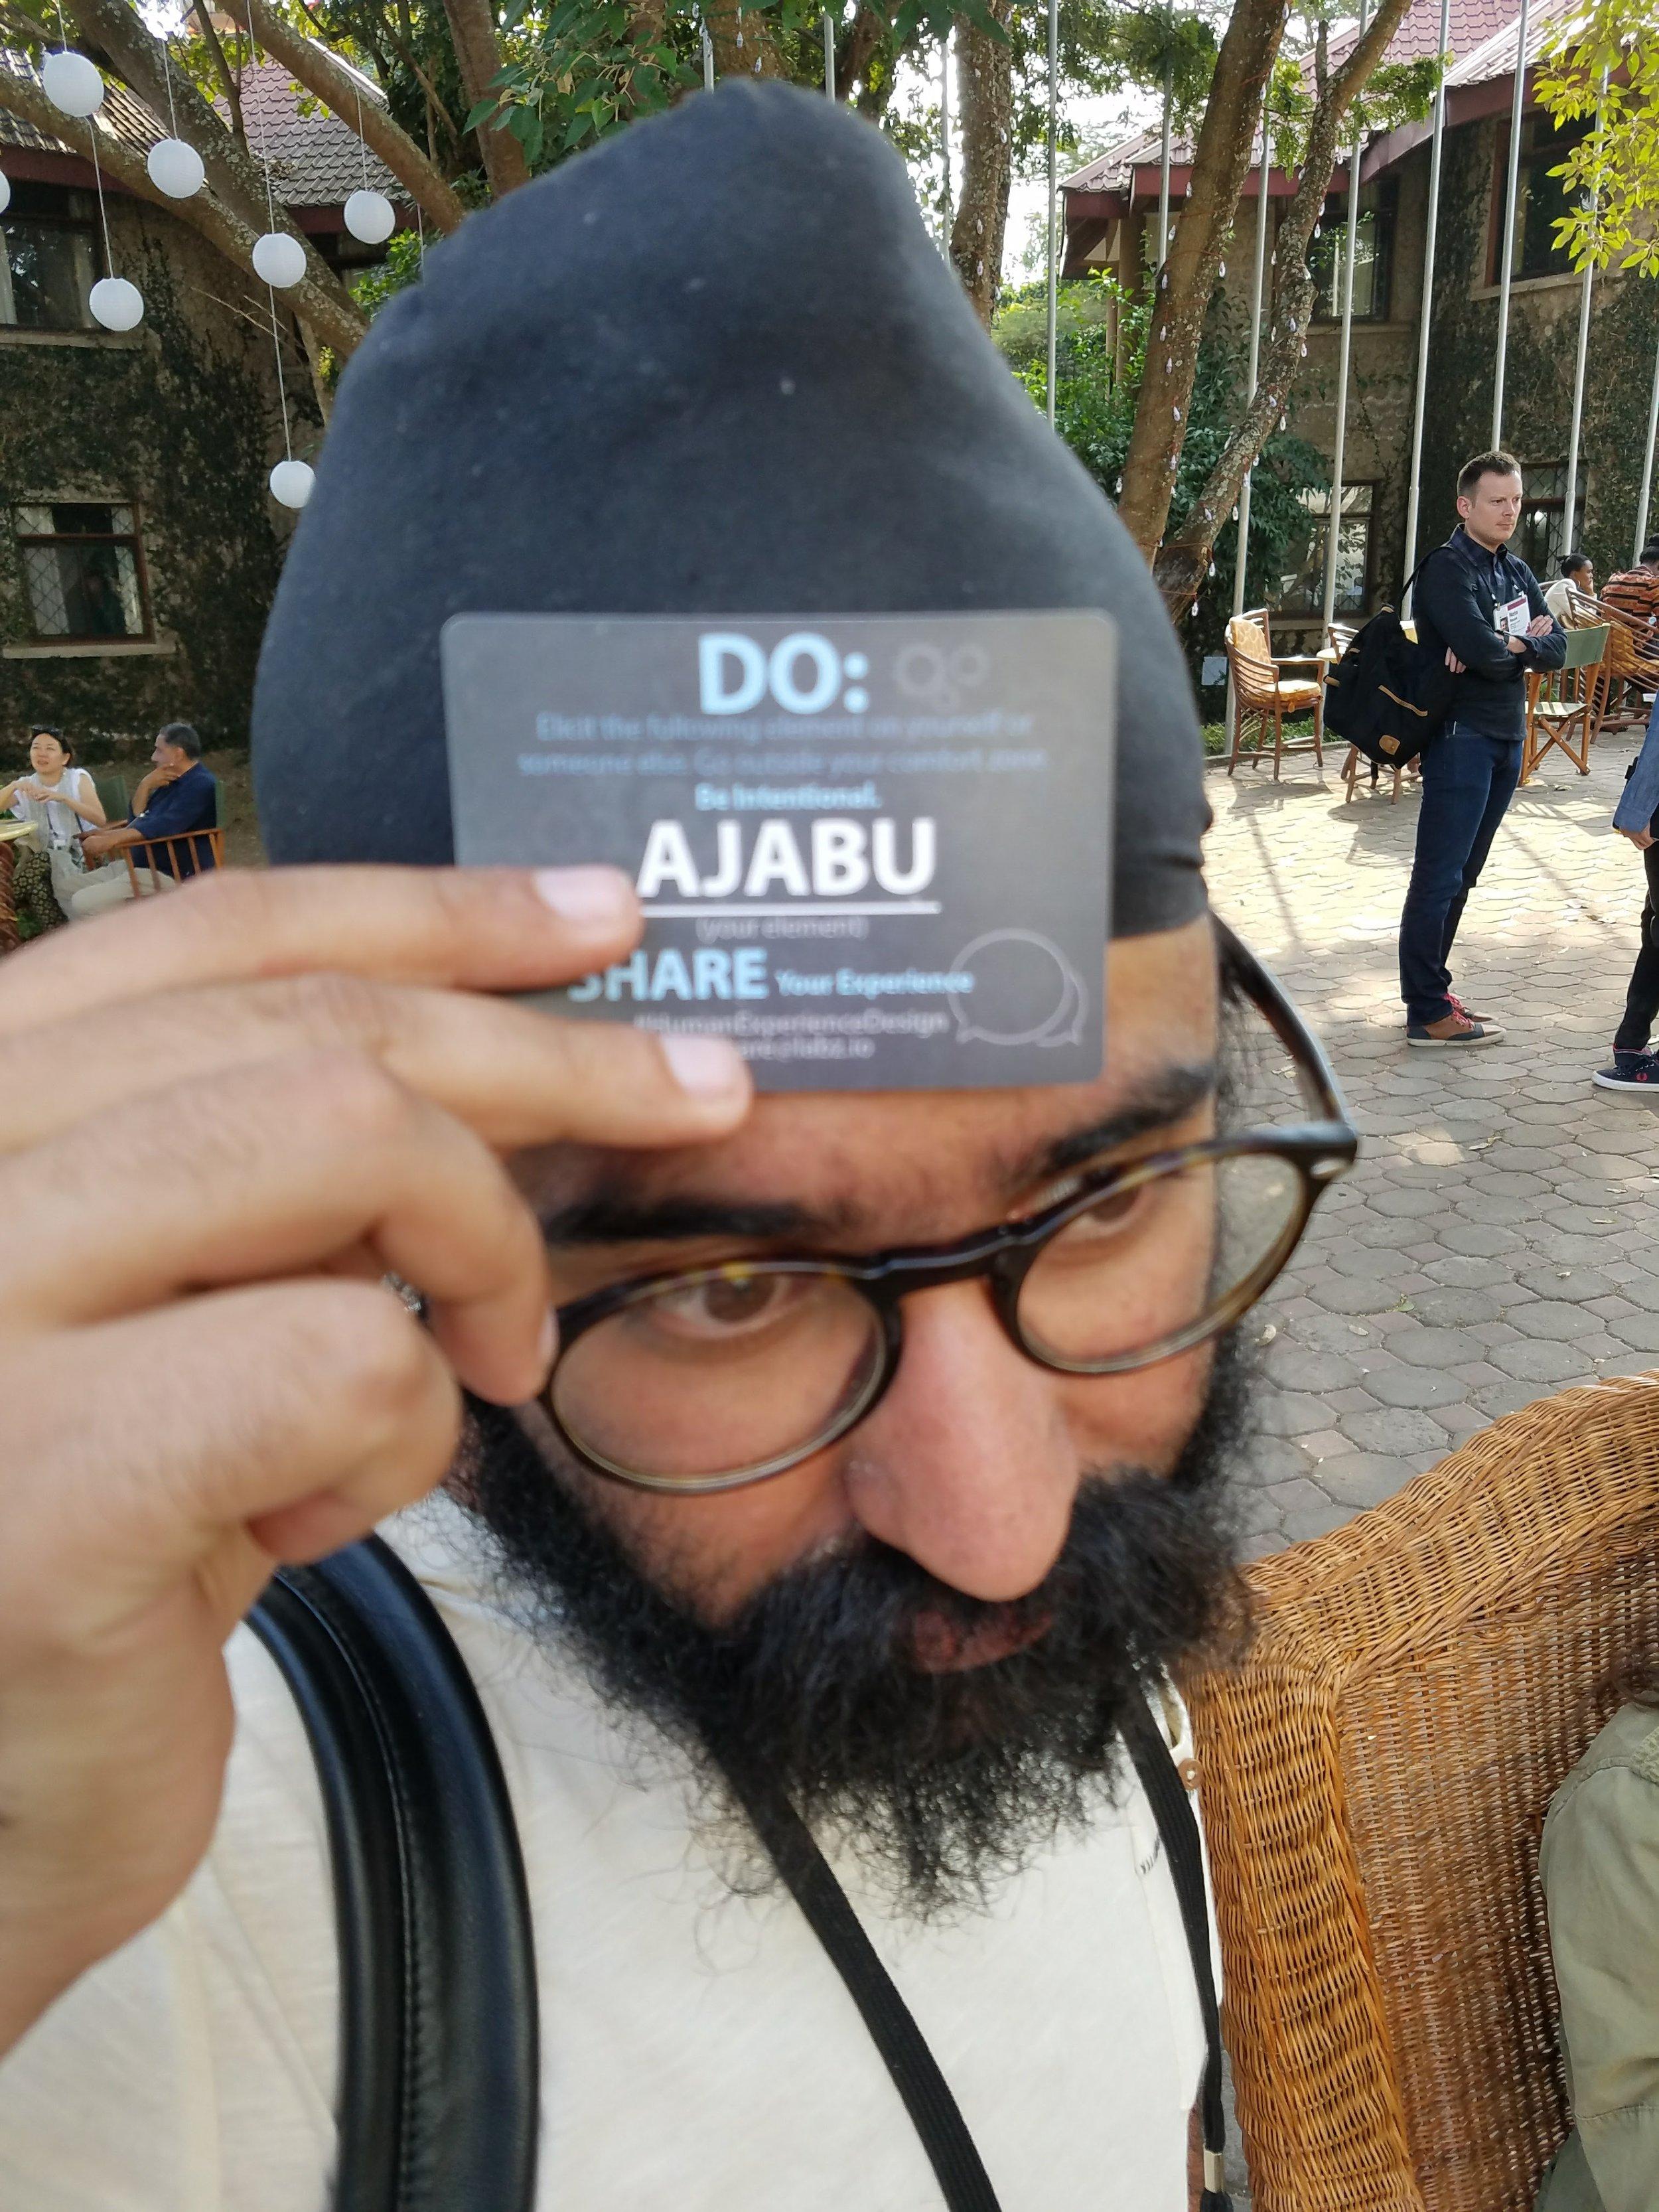 """Sartaj """"Ego Monk"""" at TED Global has an """"ajabu"""" card. Its the Swahili word for """"wonderful"""". Go create some wonder!"""